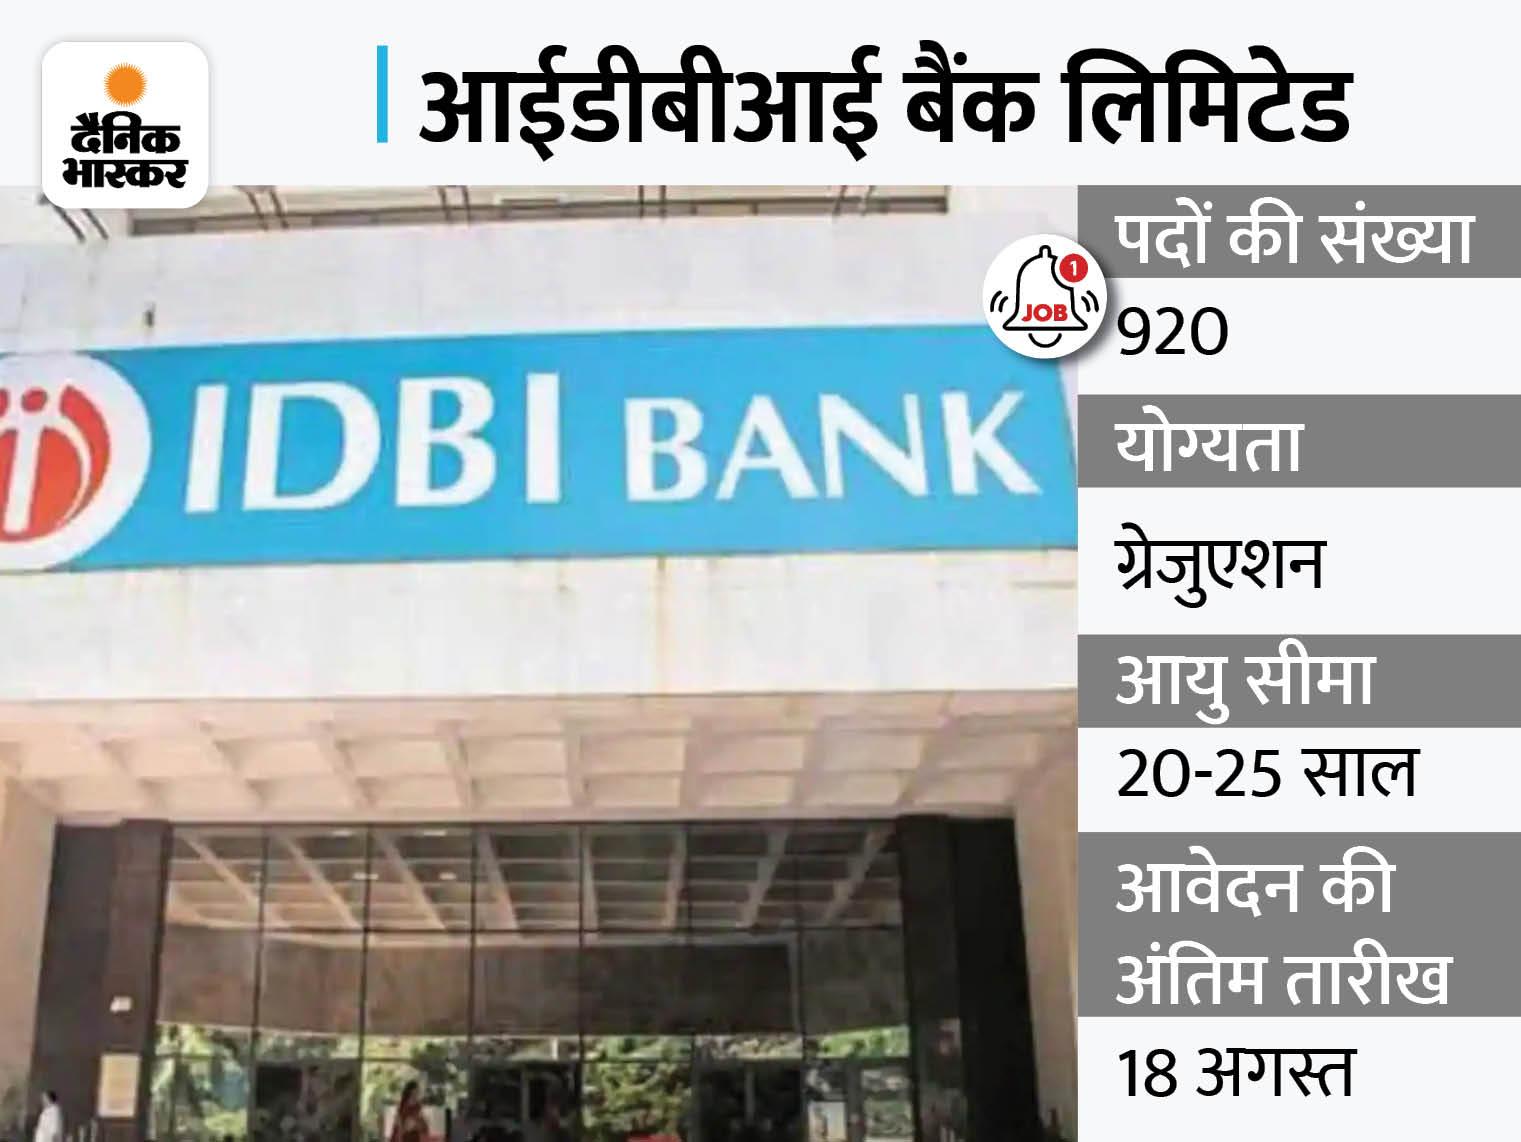 IDBI बैंक ने एग्जीक्यूटिव के 920 पदों पर निकाली भर्ती, 18 अगस्त तक आवेदन कर सकेंगे ग्रेजुएट कैंडिडेट्स करिअर,Career - Dainik Bhaskar